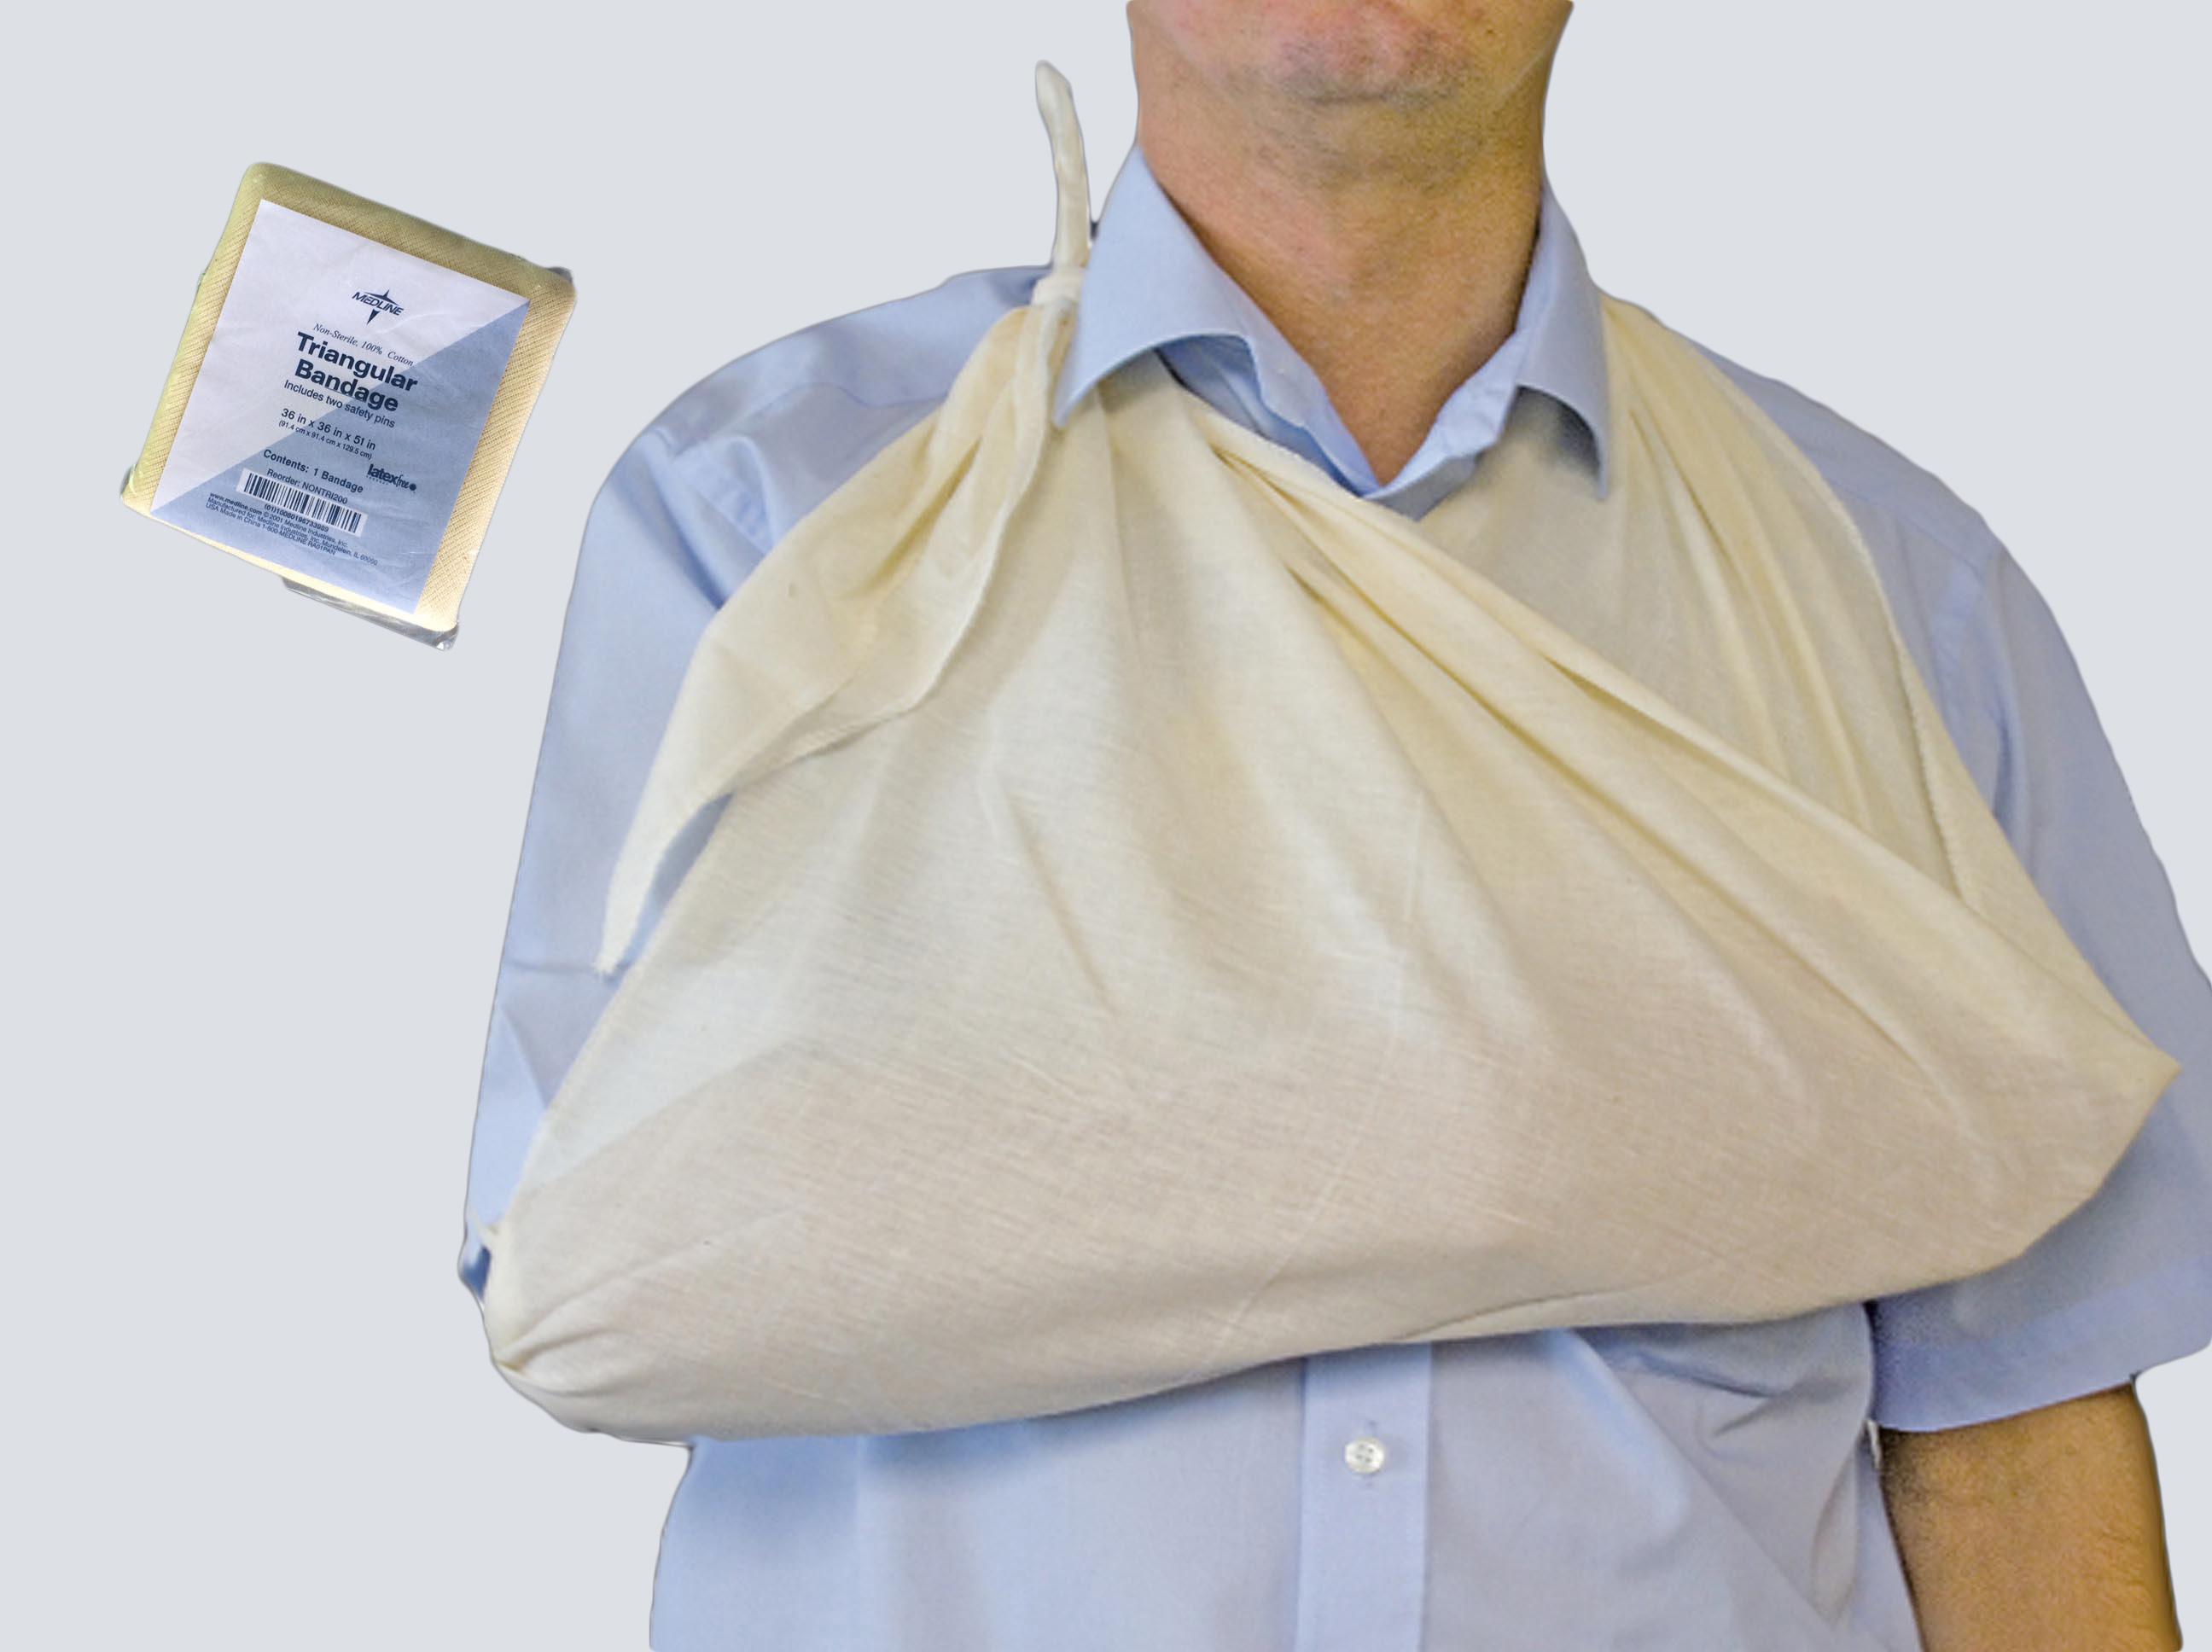 Triangular Bandage Sling